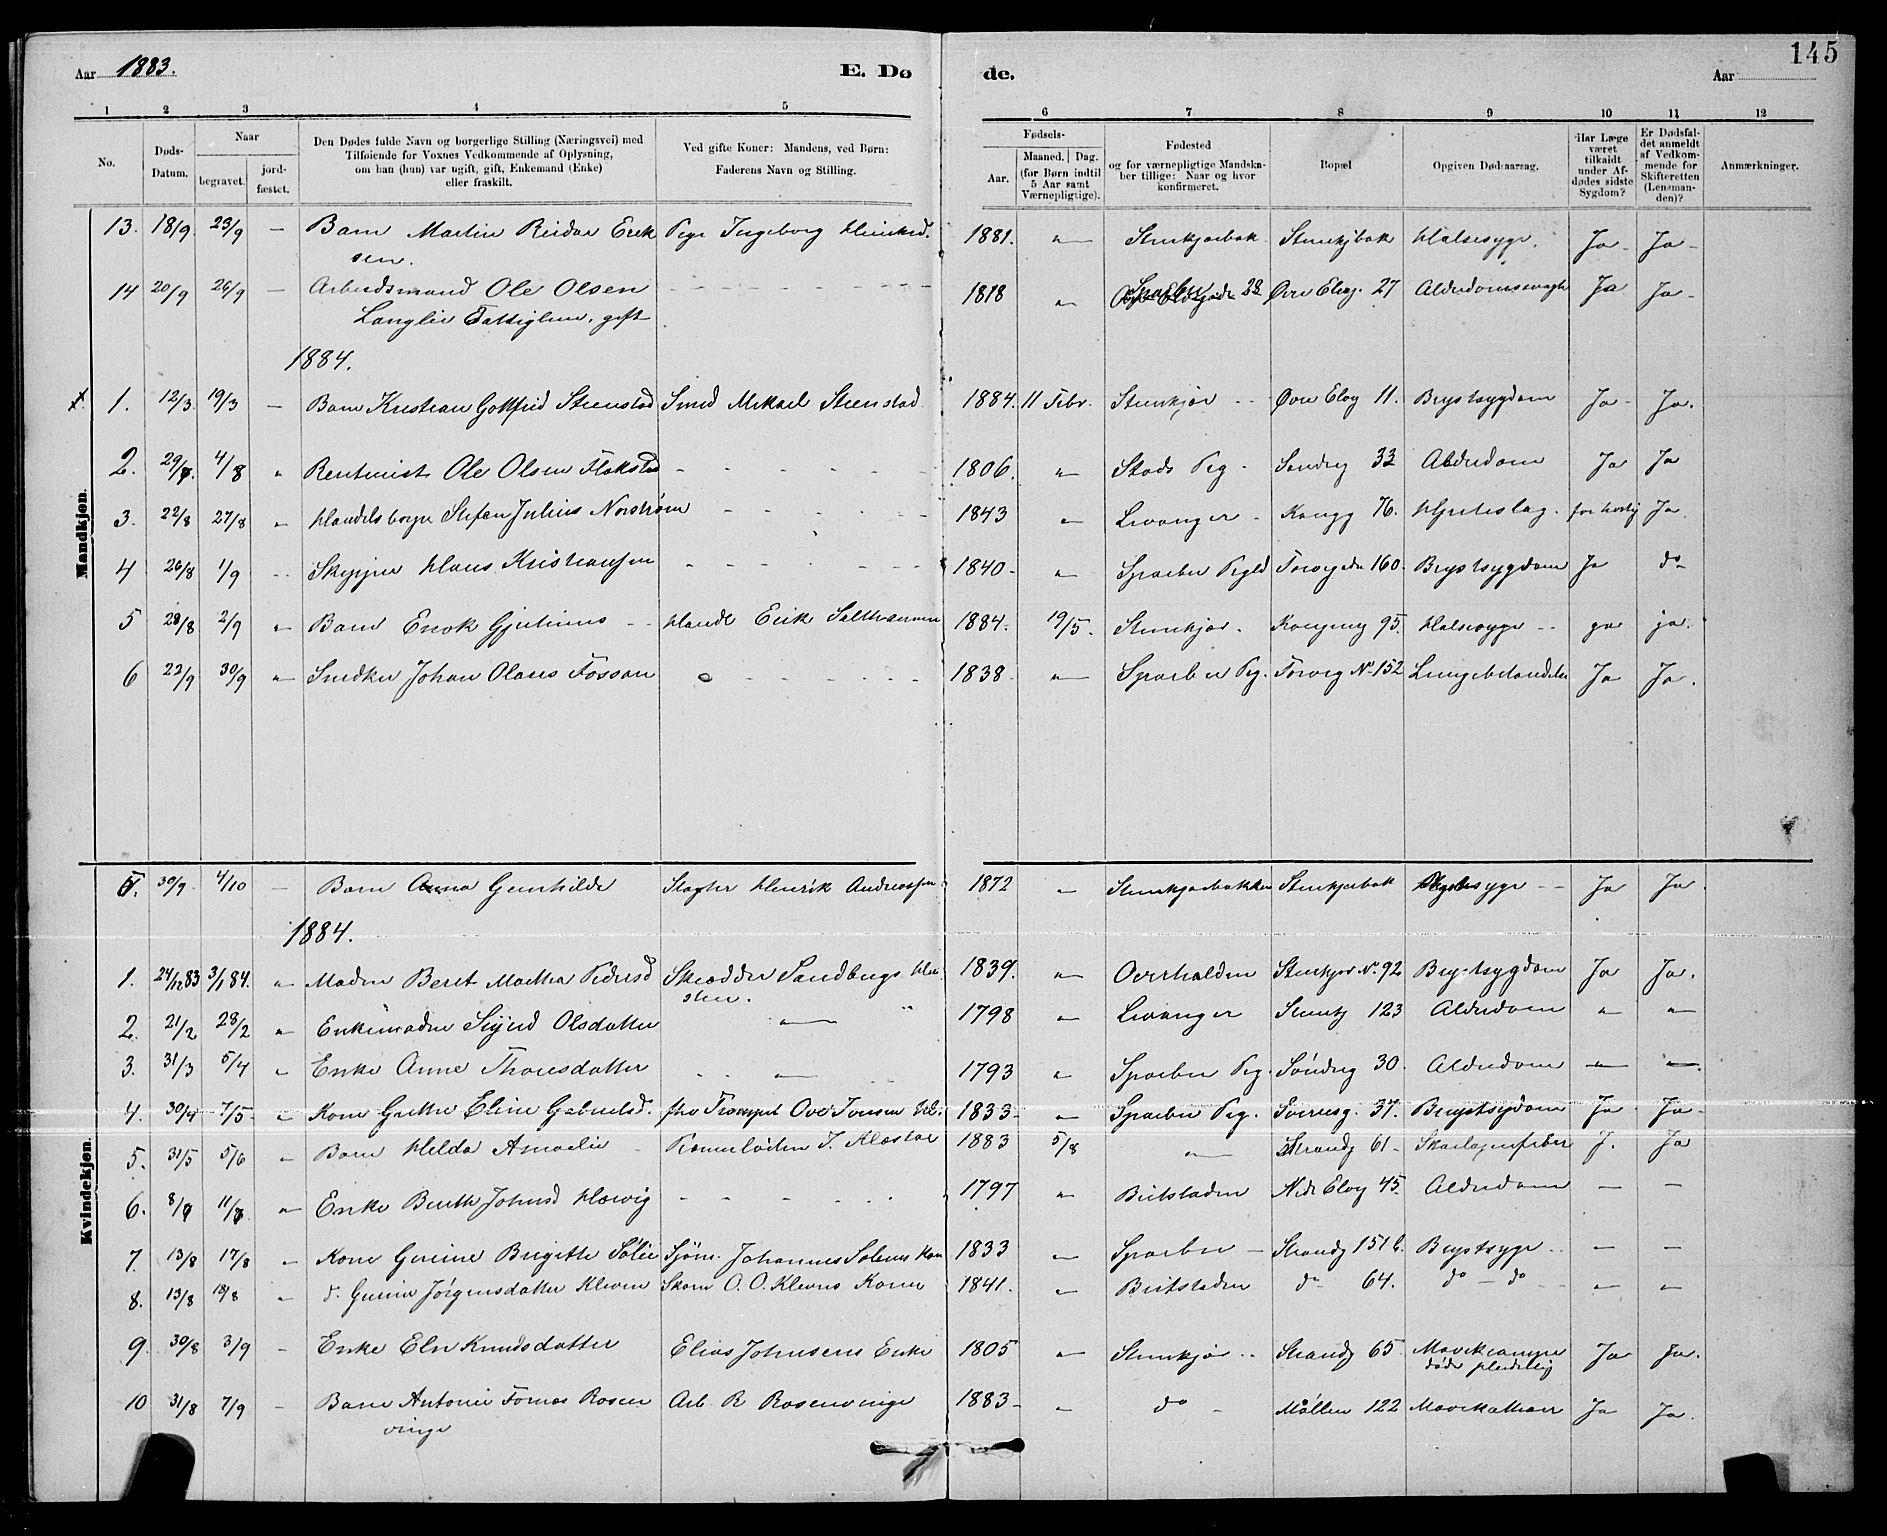 SAT, Ministerialprotokoller, klokkerbøker og fødselsregistre - Nord-Trøndelag, 739/L0374: Klokkerbok nr. 739C02, 1883-1898, s. 145